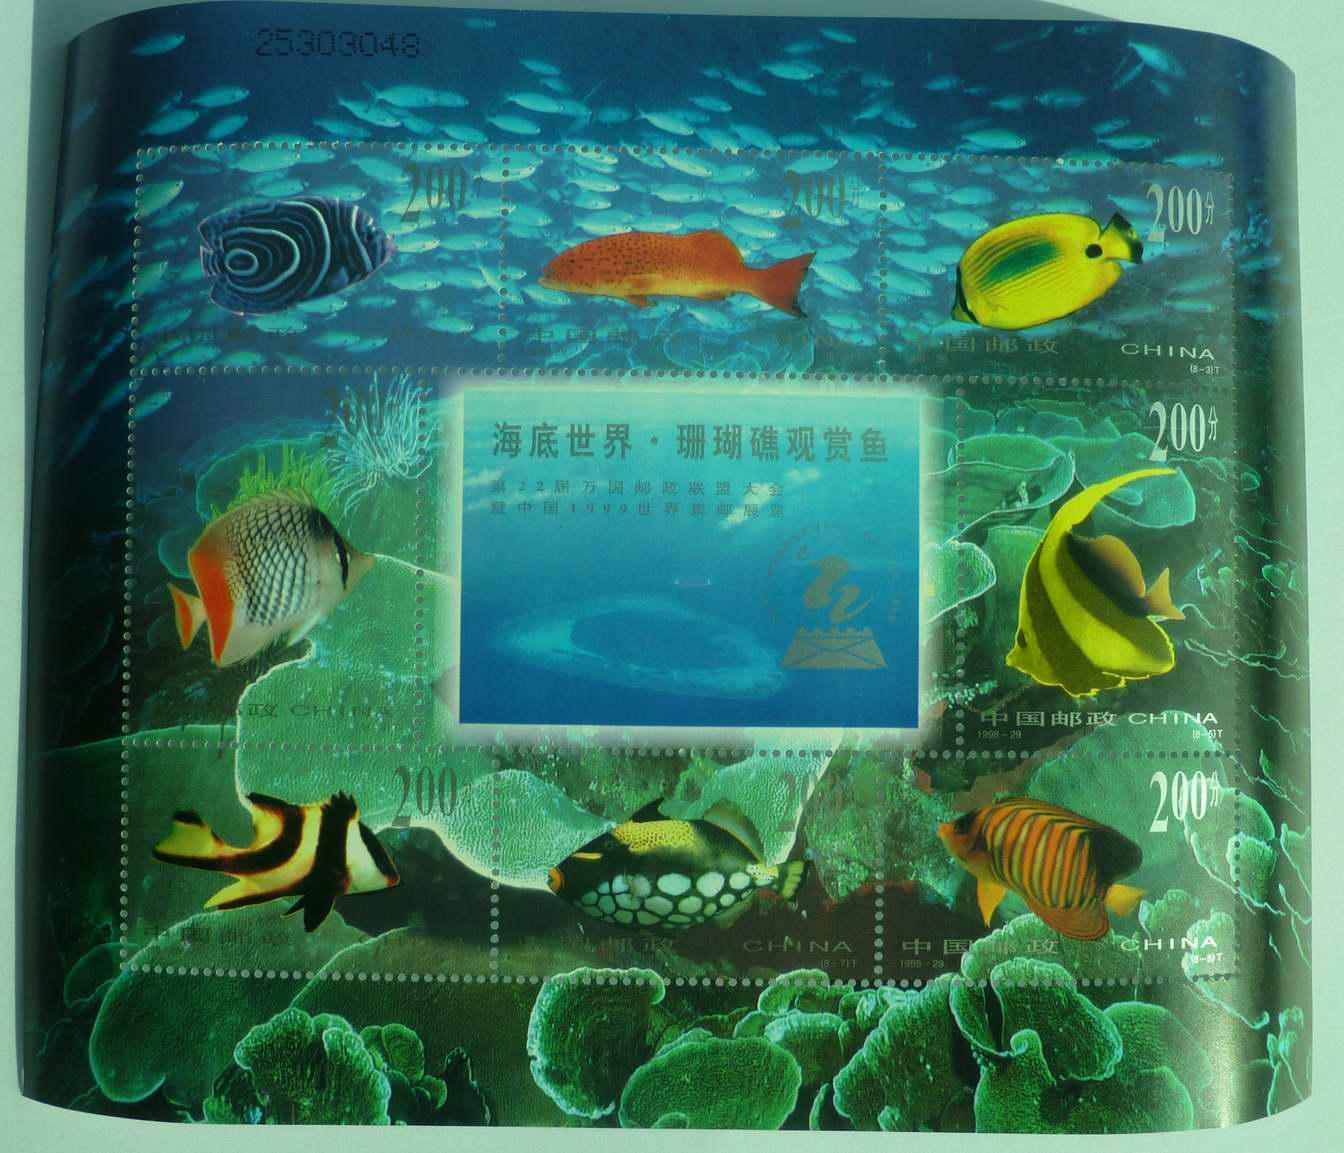 海底世界邮票一版.JPG